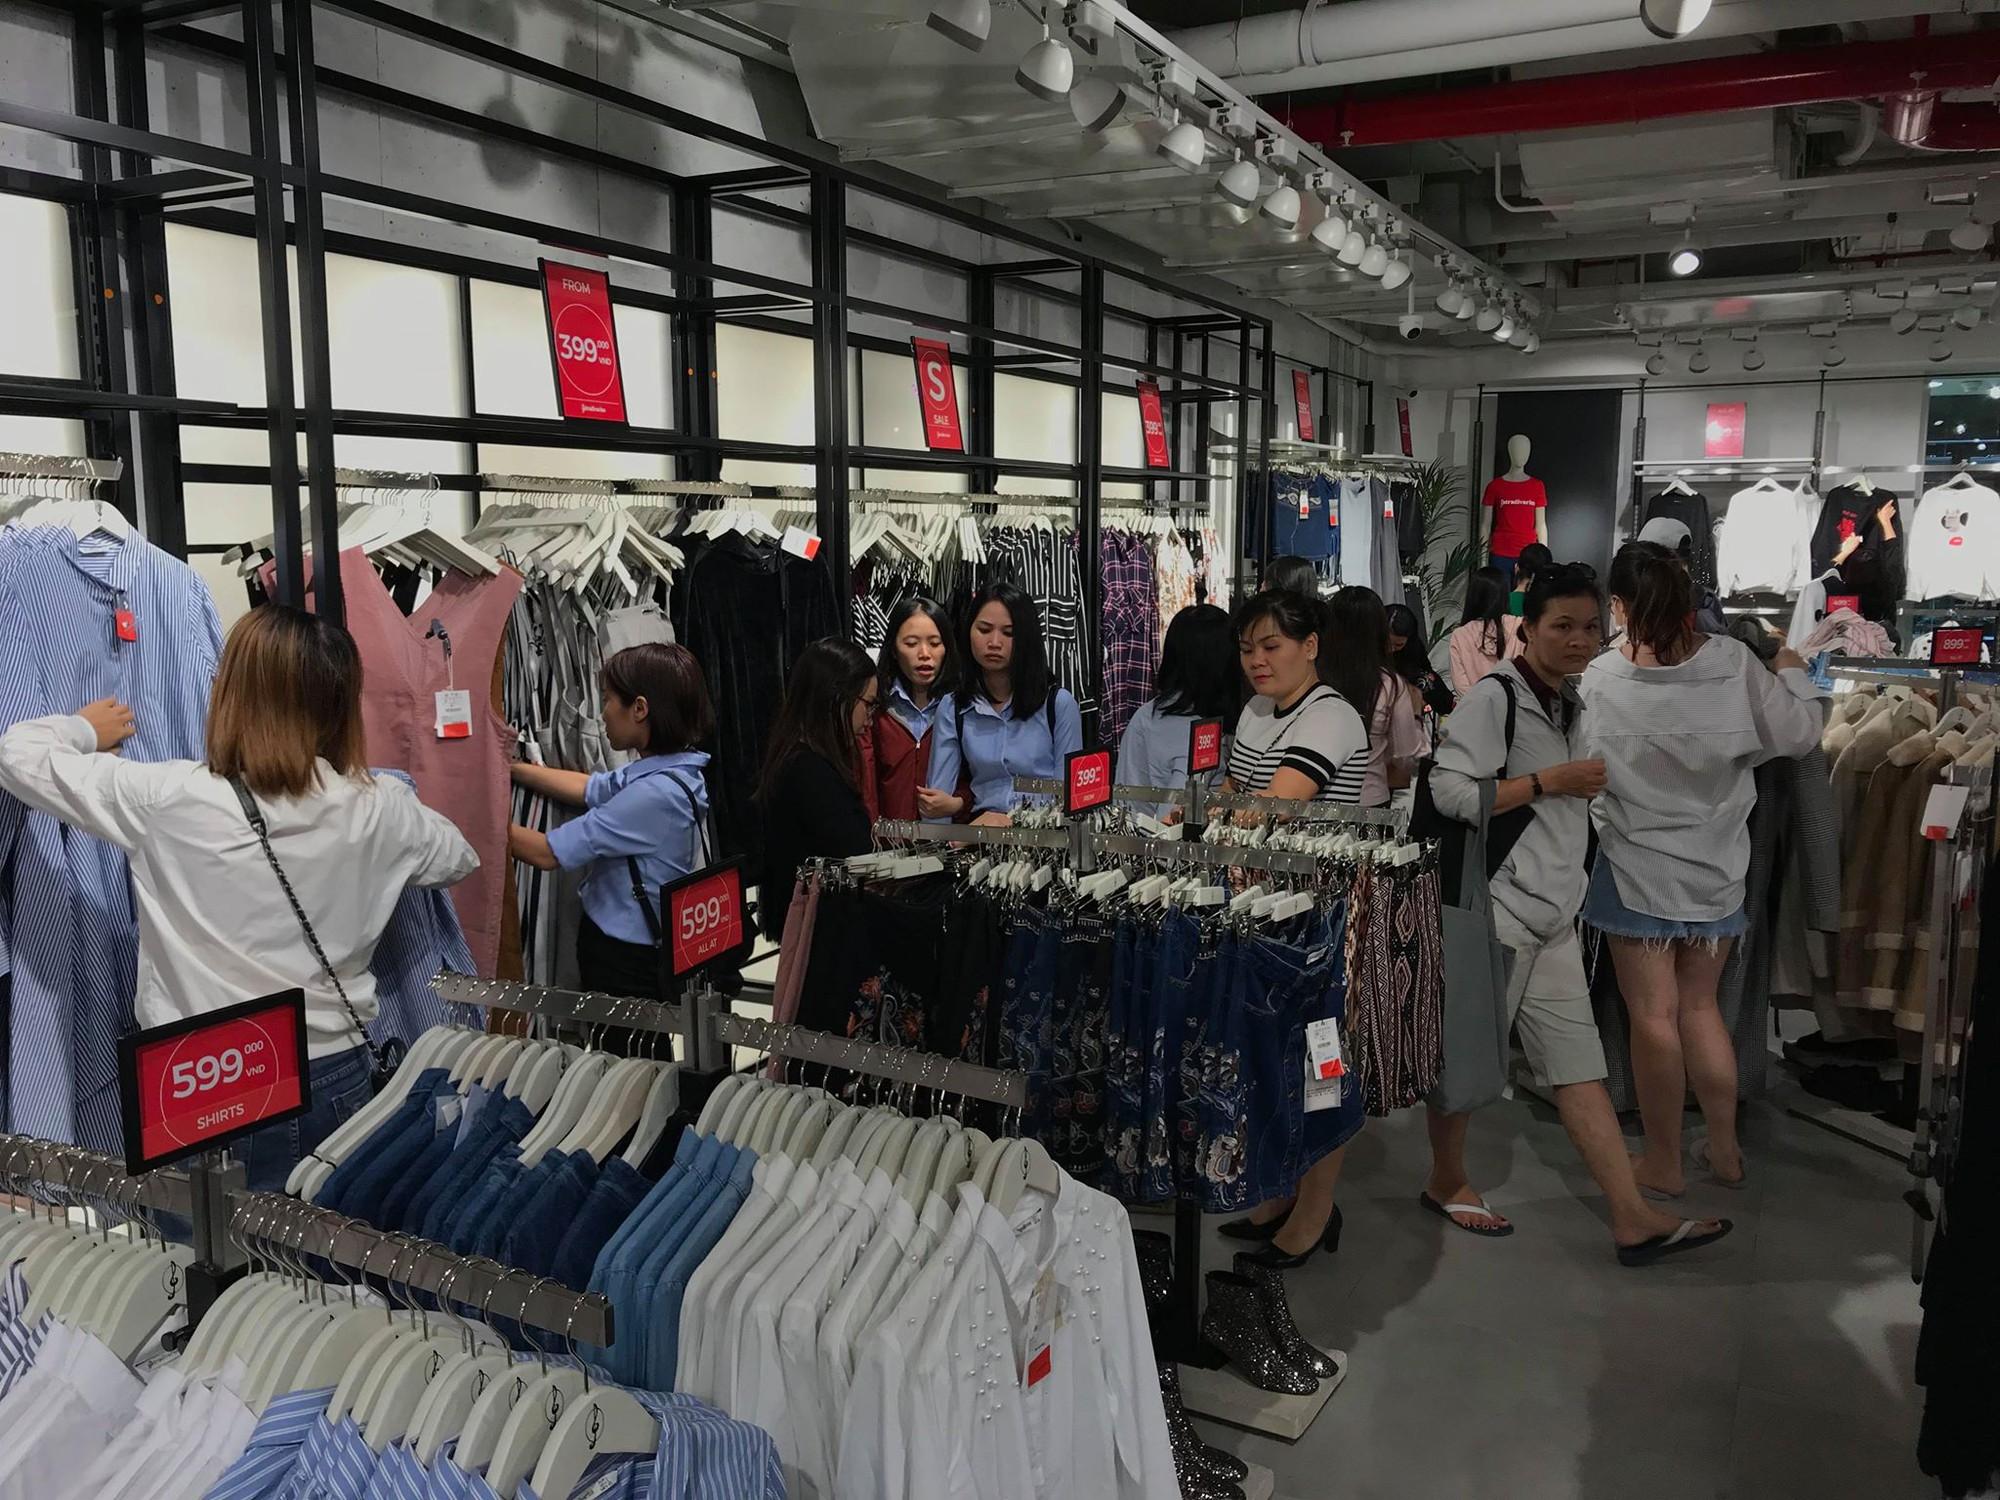 Zara Sài Gòn và Hà Nội đông nghịt, dân tình xếp hàng dài ngay ngày đầu tiên giảm giá - Ảnh 21.